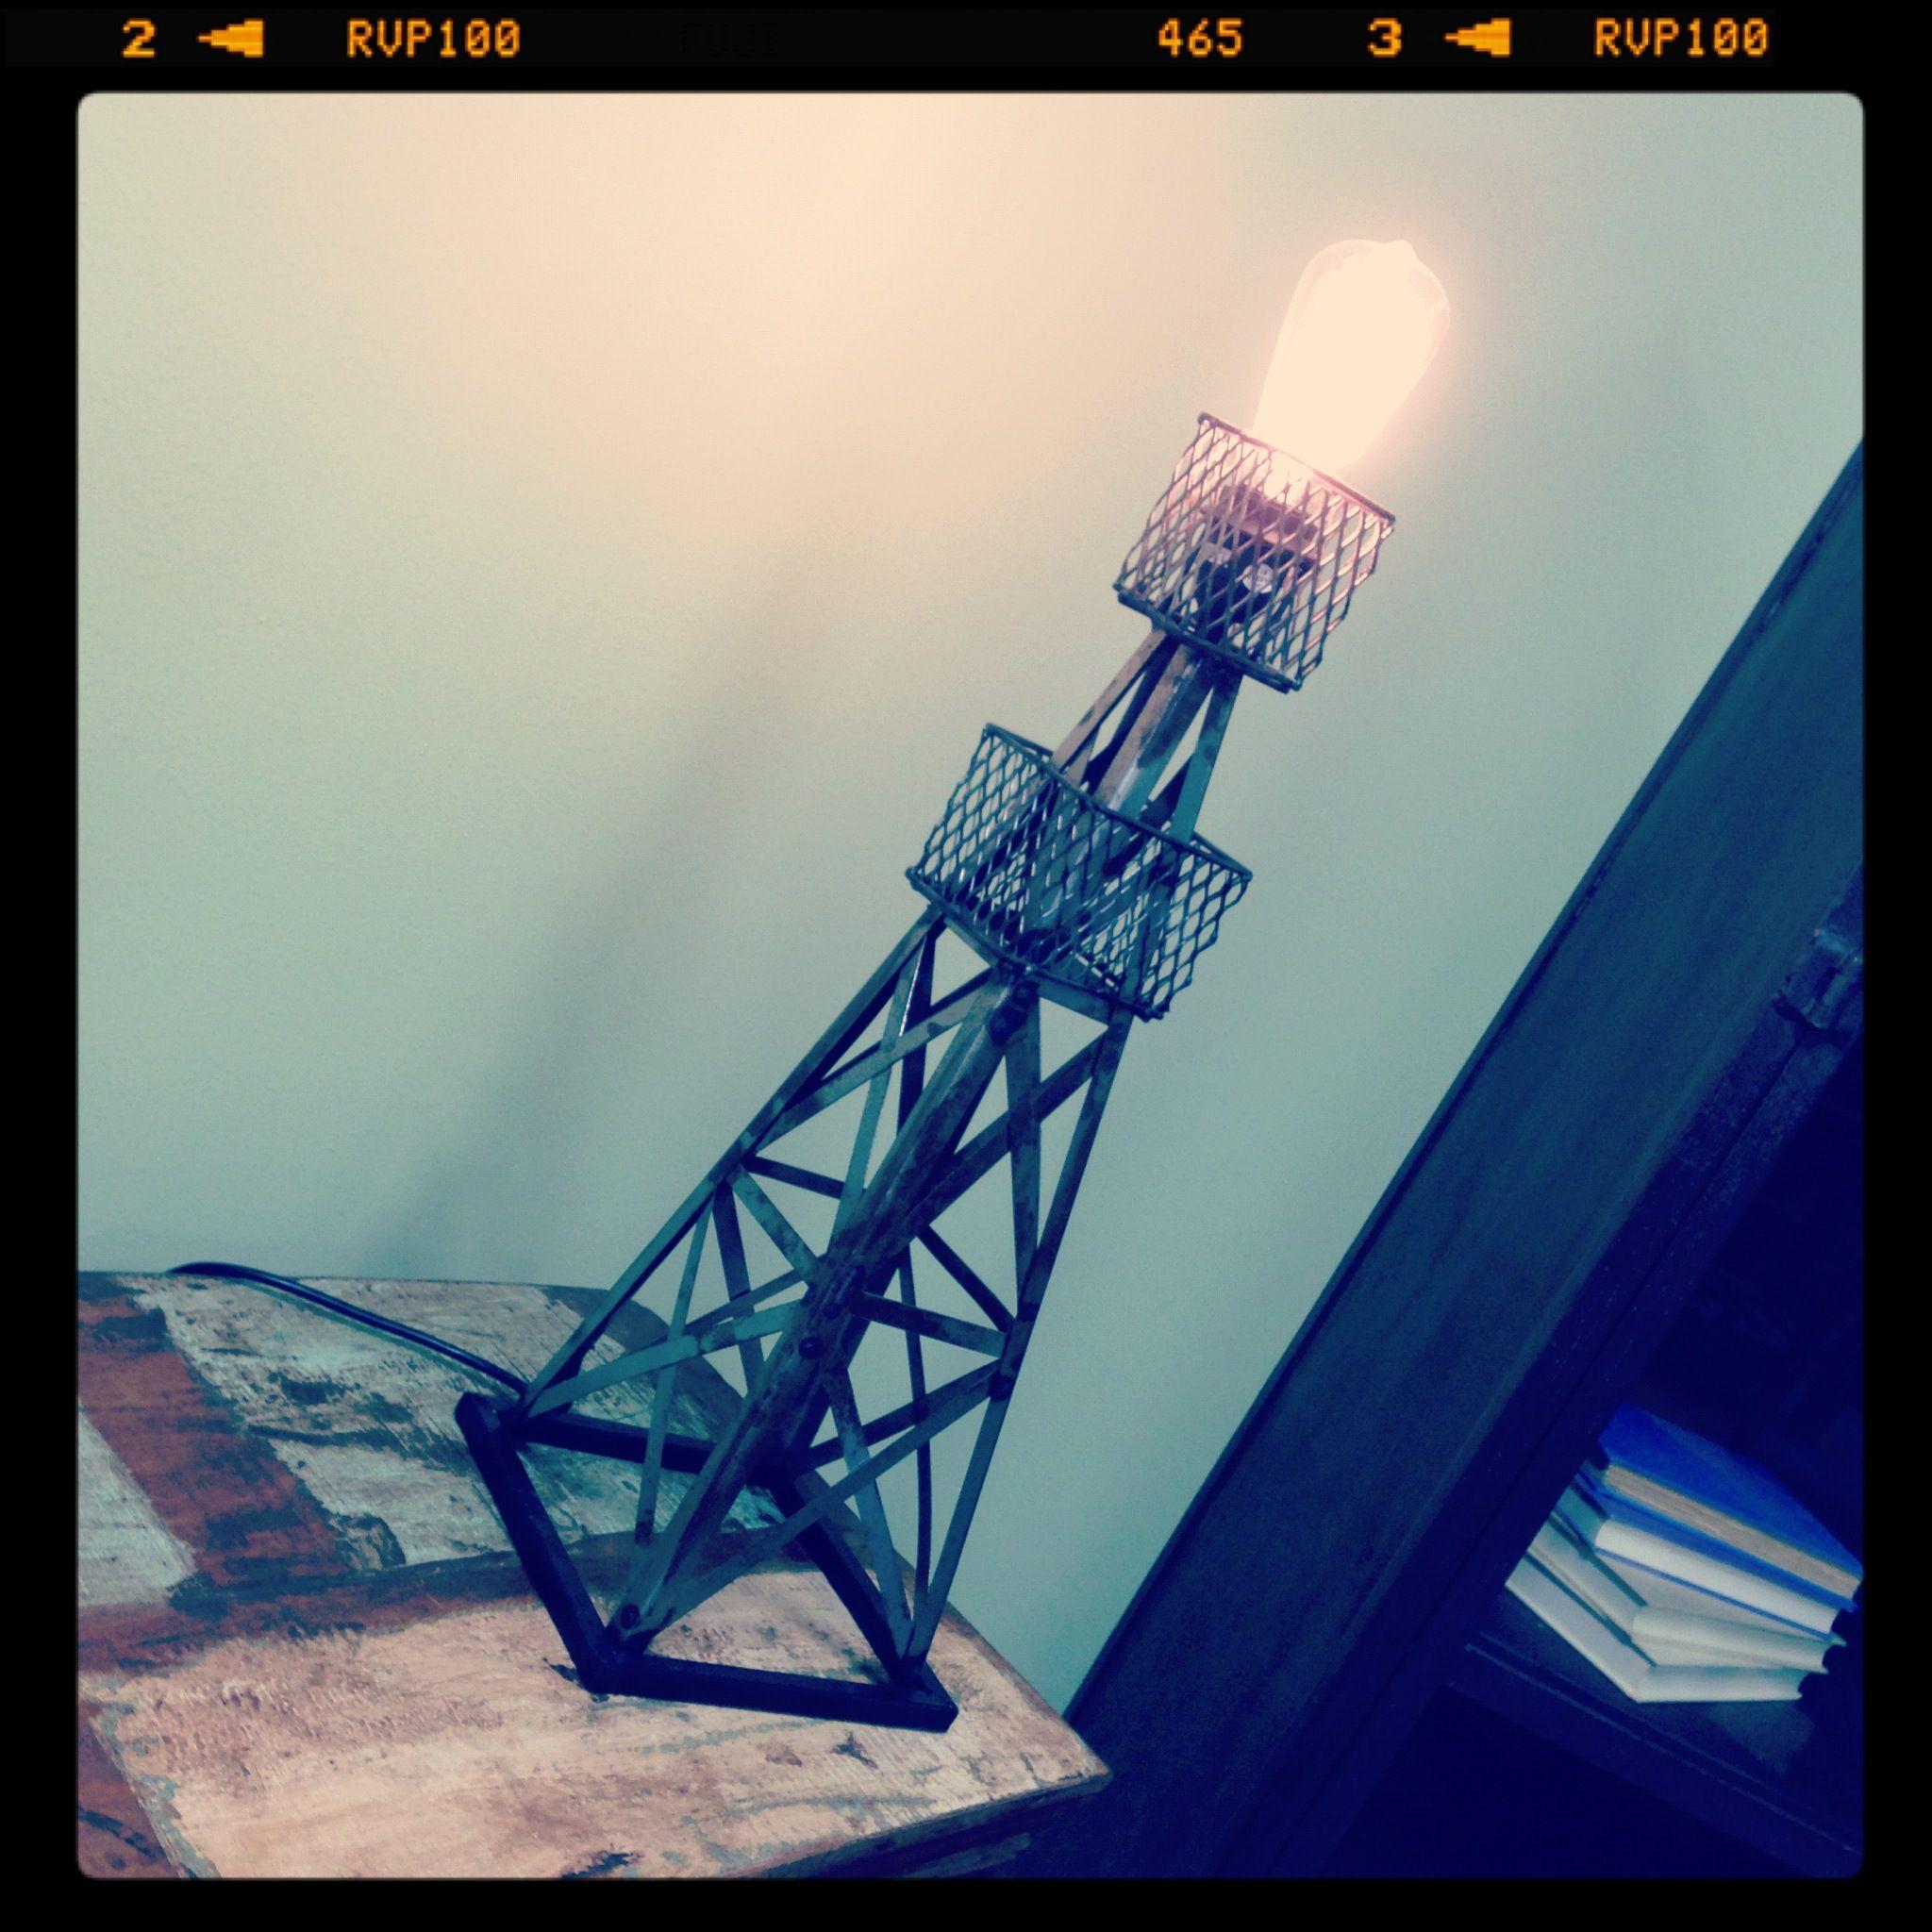 Oil Derrick Table Lamp Distressed Vintage Import Unique ...